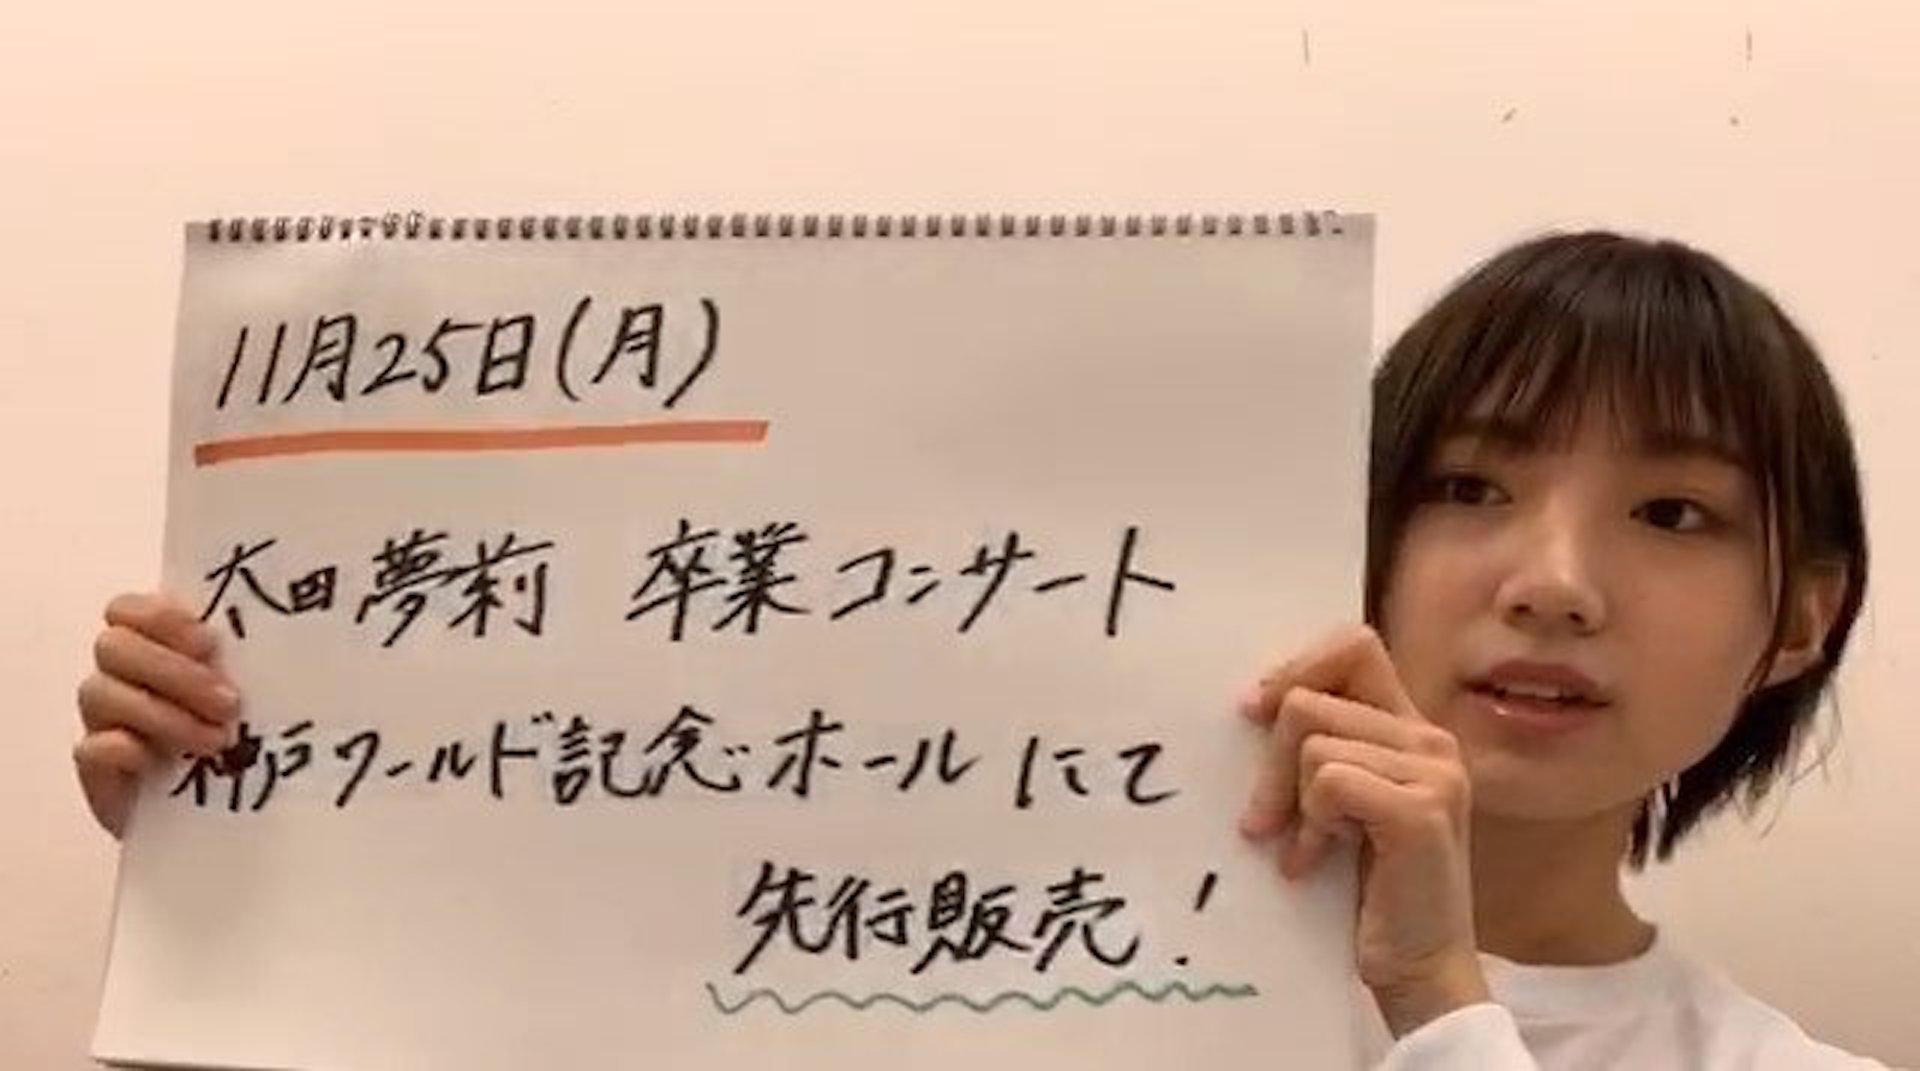 【太田夢莉】フォトエッセイ「青」は11/25の神戸で先行販売。ゆーりの最終活動日は11月30日